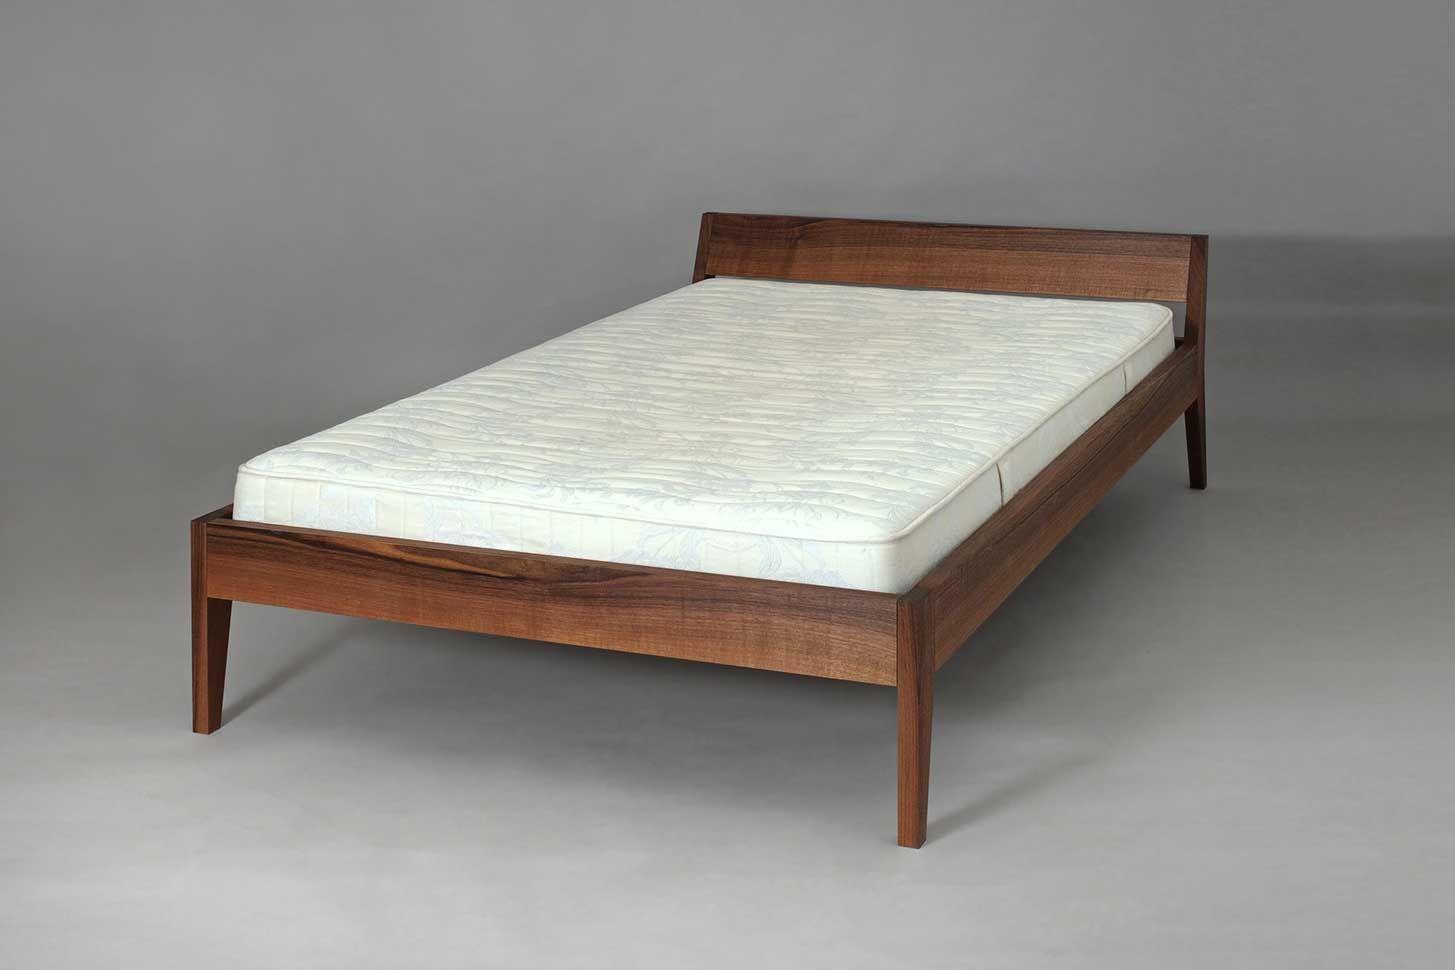 Bett Annabella In Nussbaum 120 X 200 Cm Bett Holz Bett 120 Bett